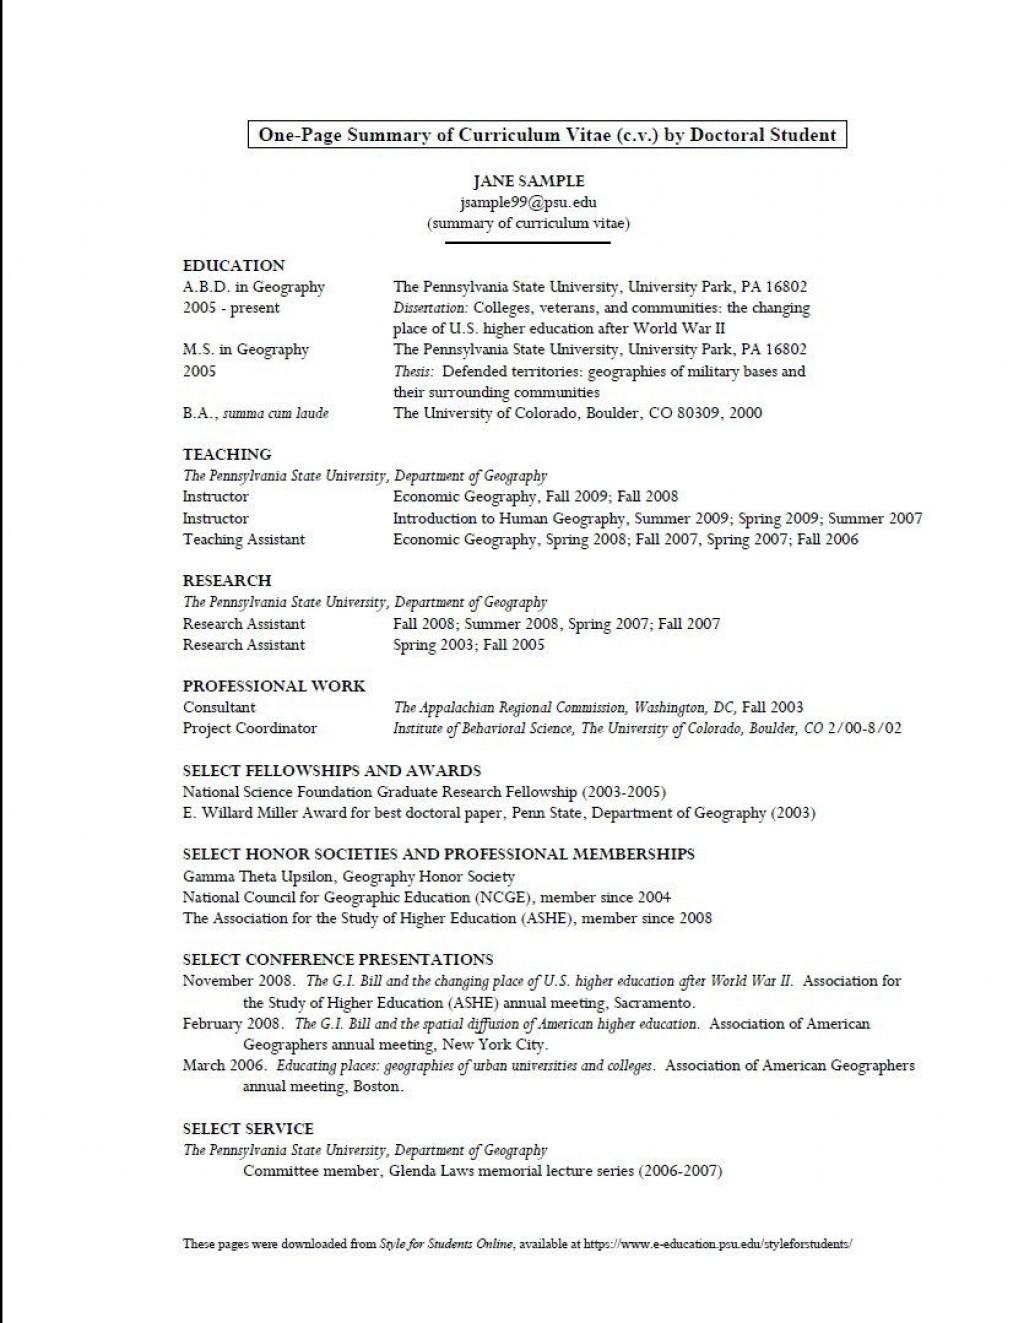 008 Unique Graduate School Curriculum Vitae Template Inspiration  For Application Resume FormatLarge